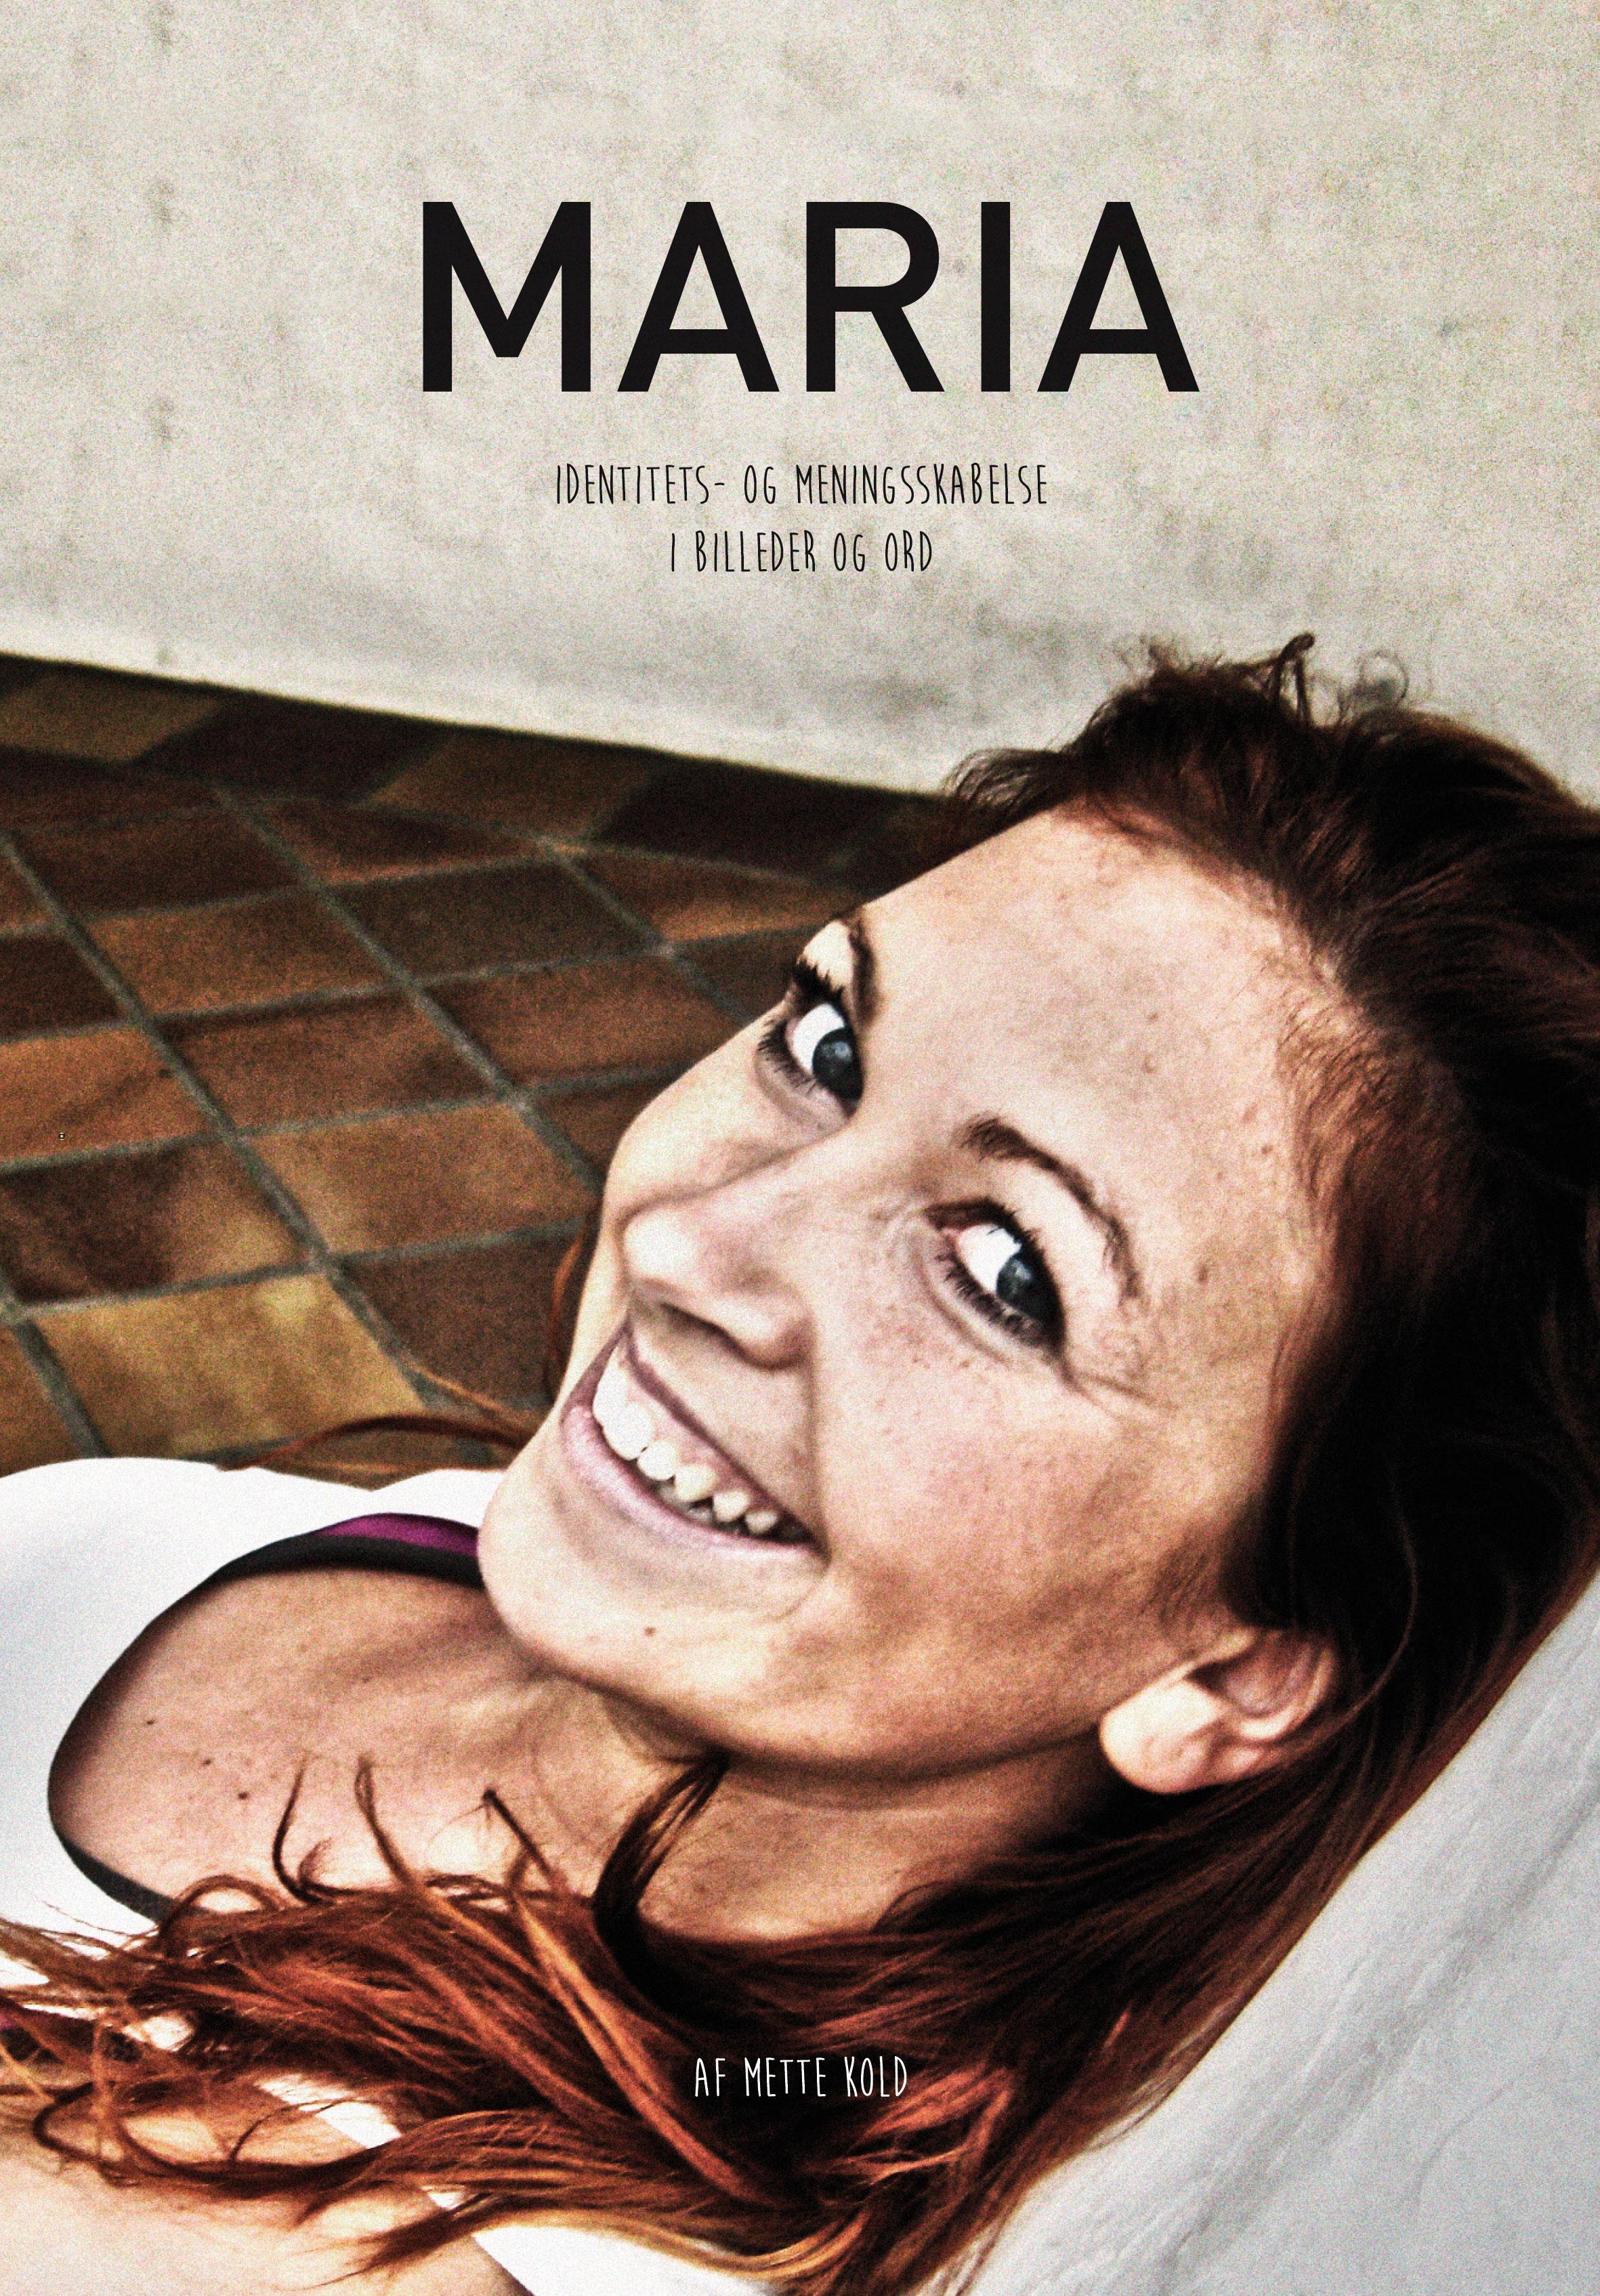 N/A Maria - e-bog fra bog & mystik